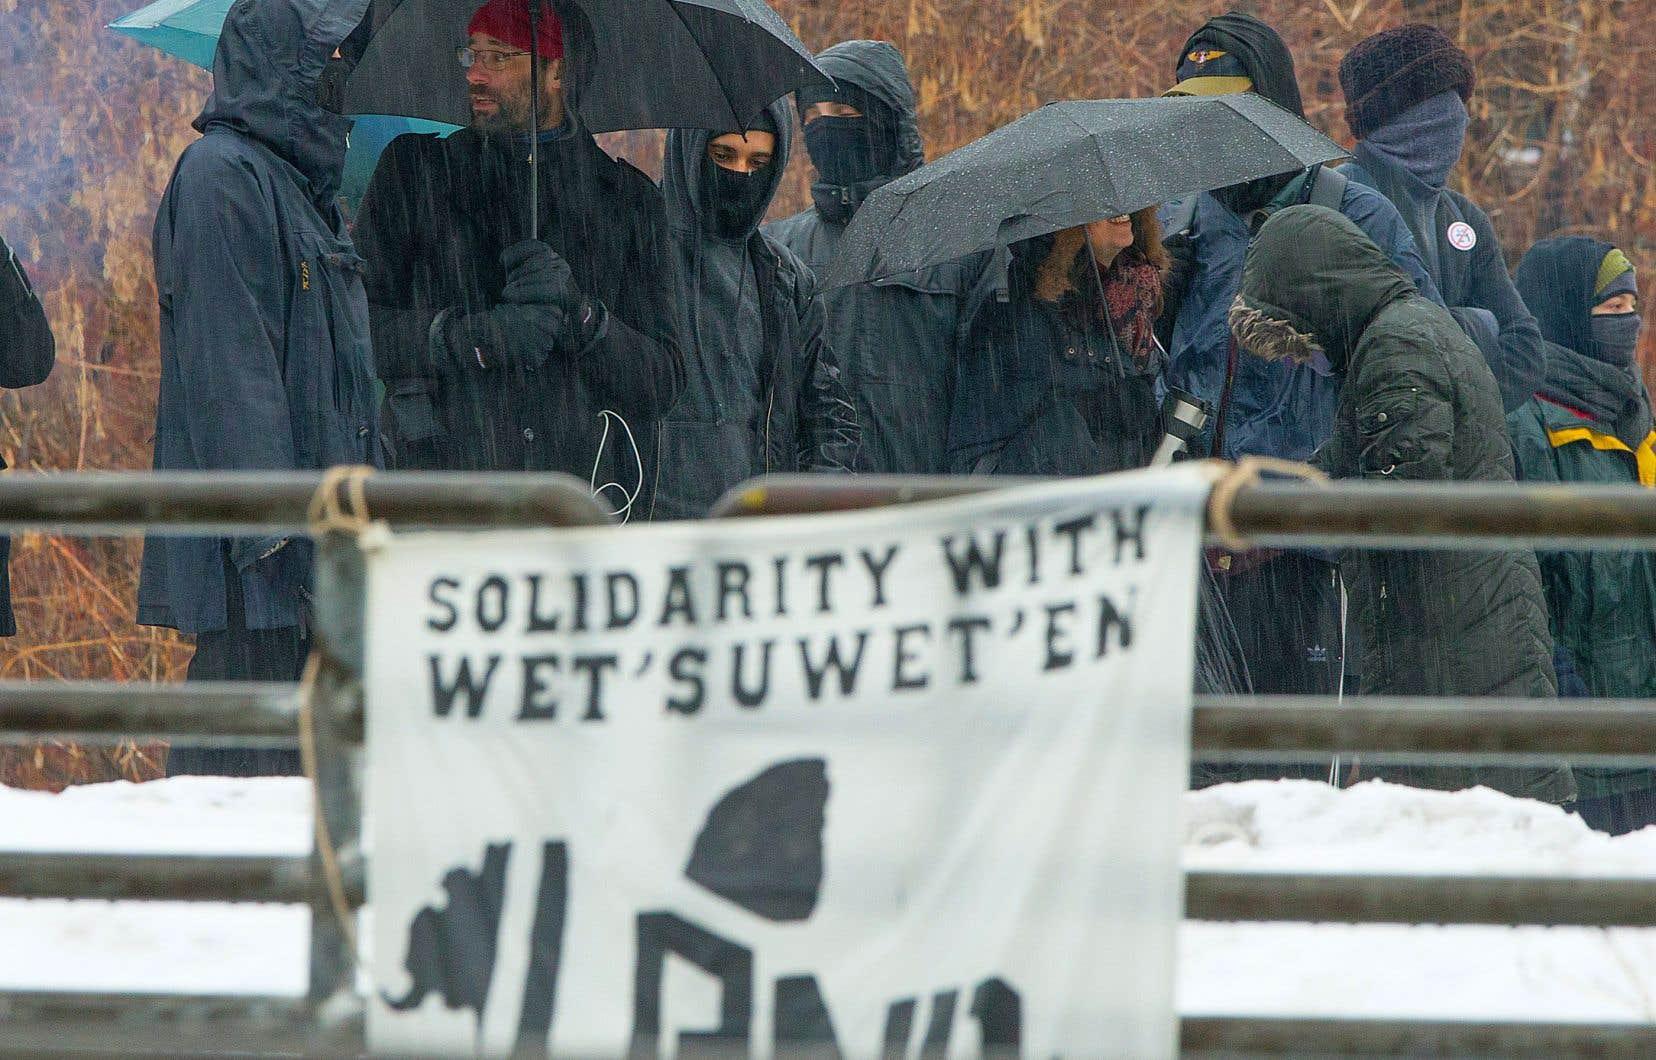 Des activistes ont manifesté sur la voie ferrée du Canadien National, lundi après-midi, dans le quartier Pointe-Saint Charles, à Montréal.